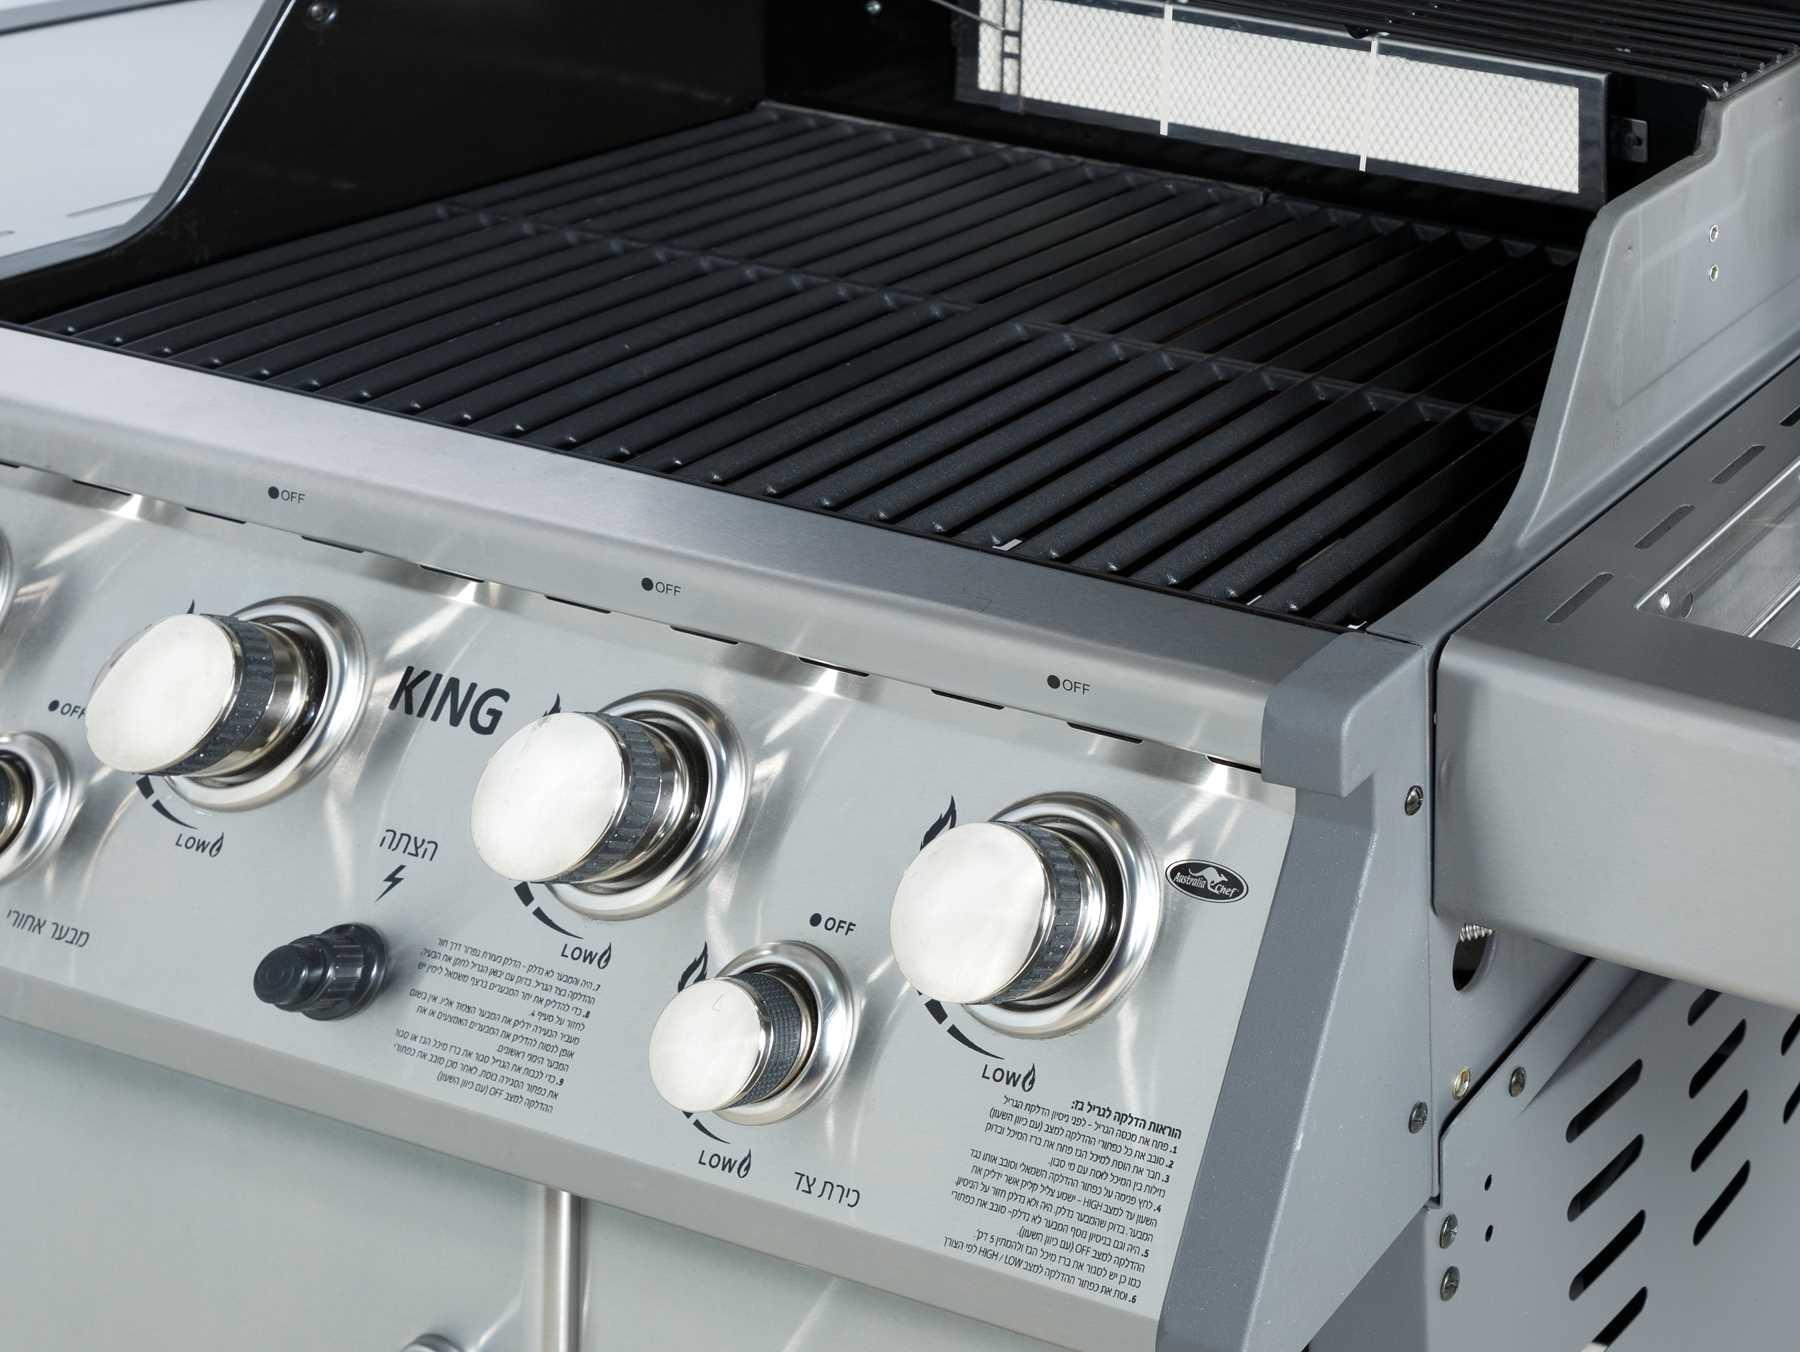 גריל גז מפואר 4 מבערים+כירת צד דגם KING-4 AY435 מבית Australia Chef - תמונה 5